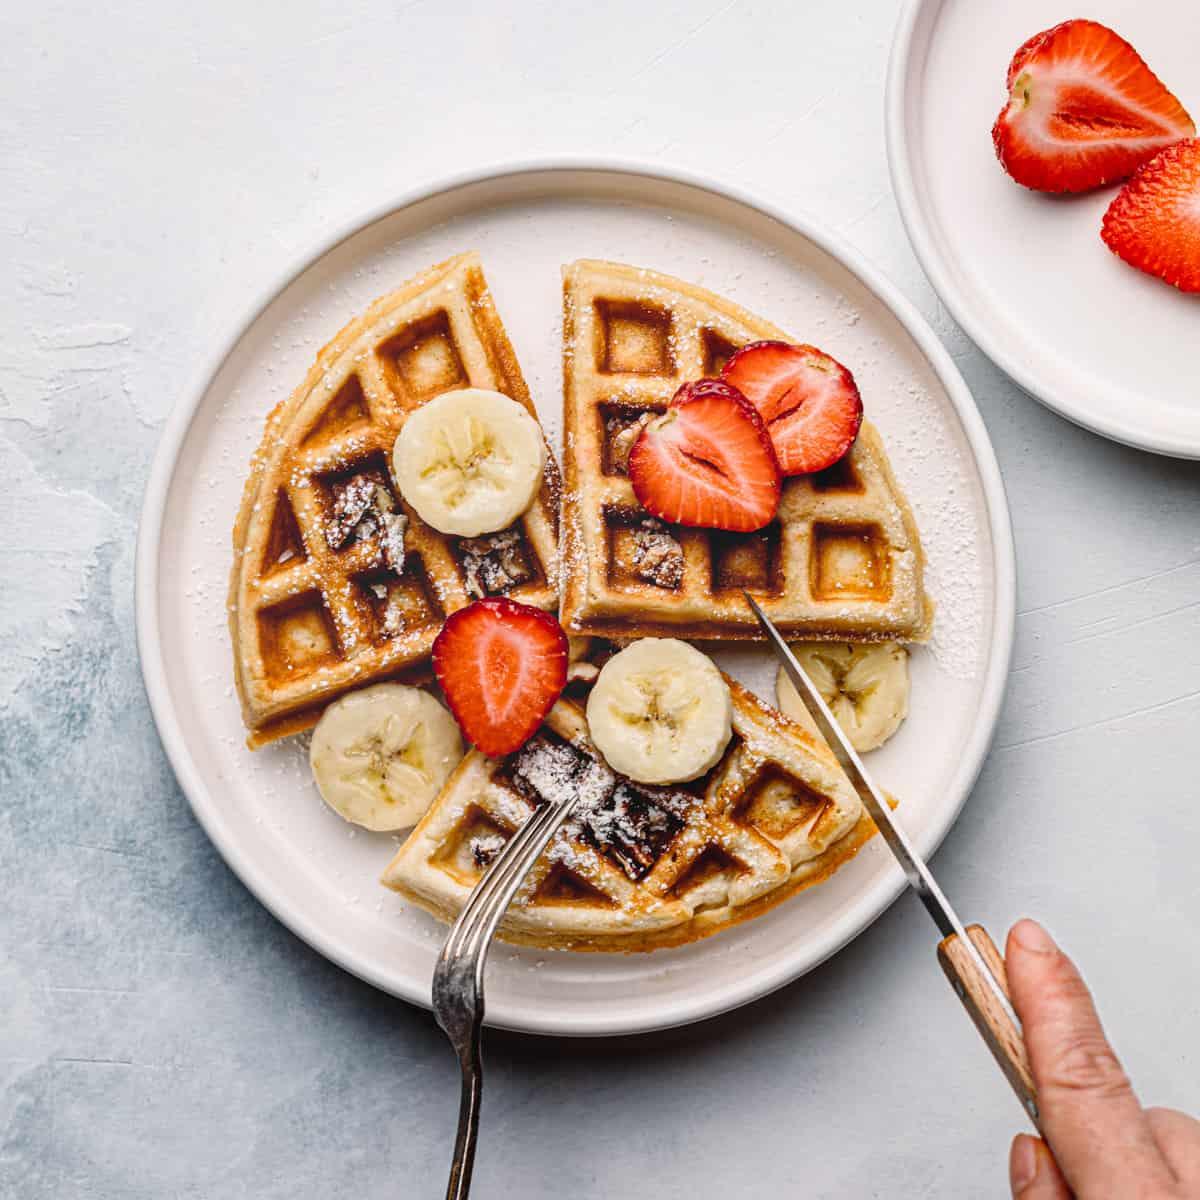 The Best Belgian Waffles Recipe